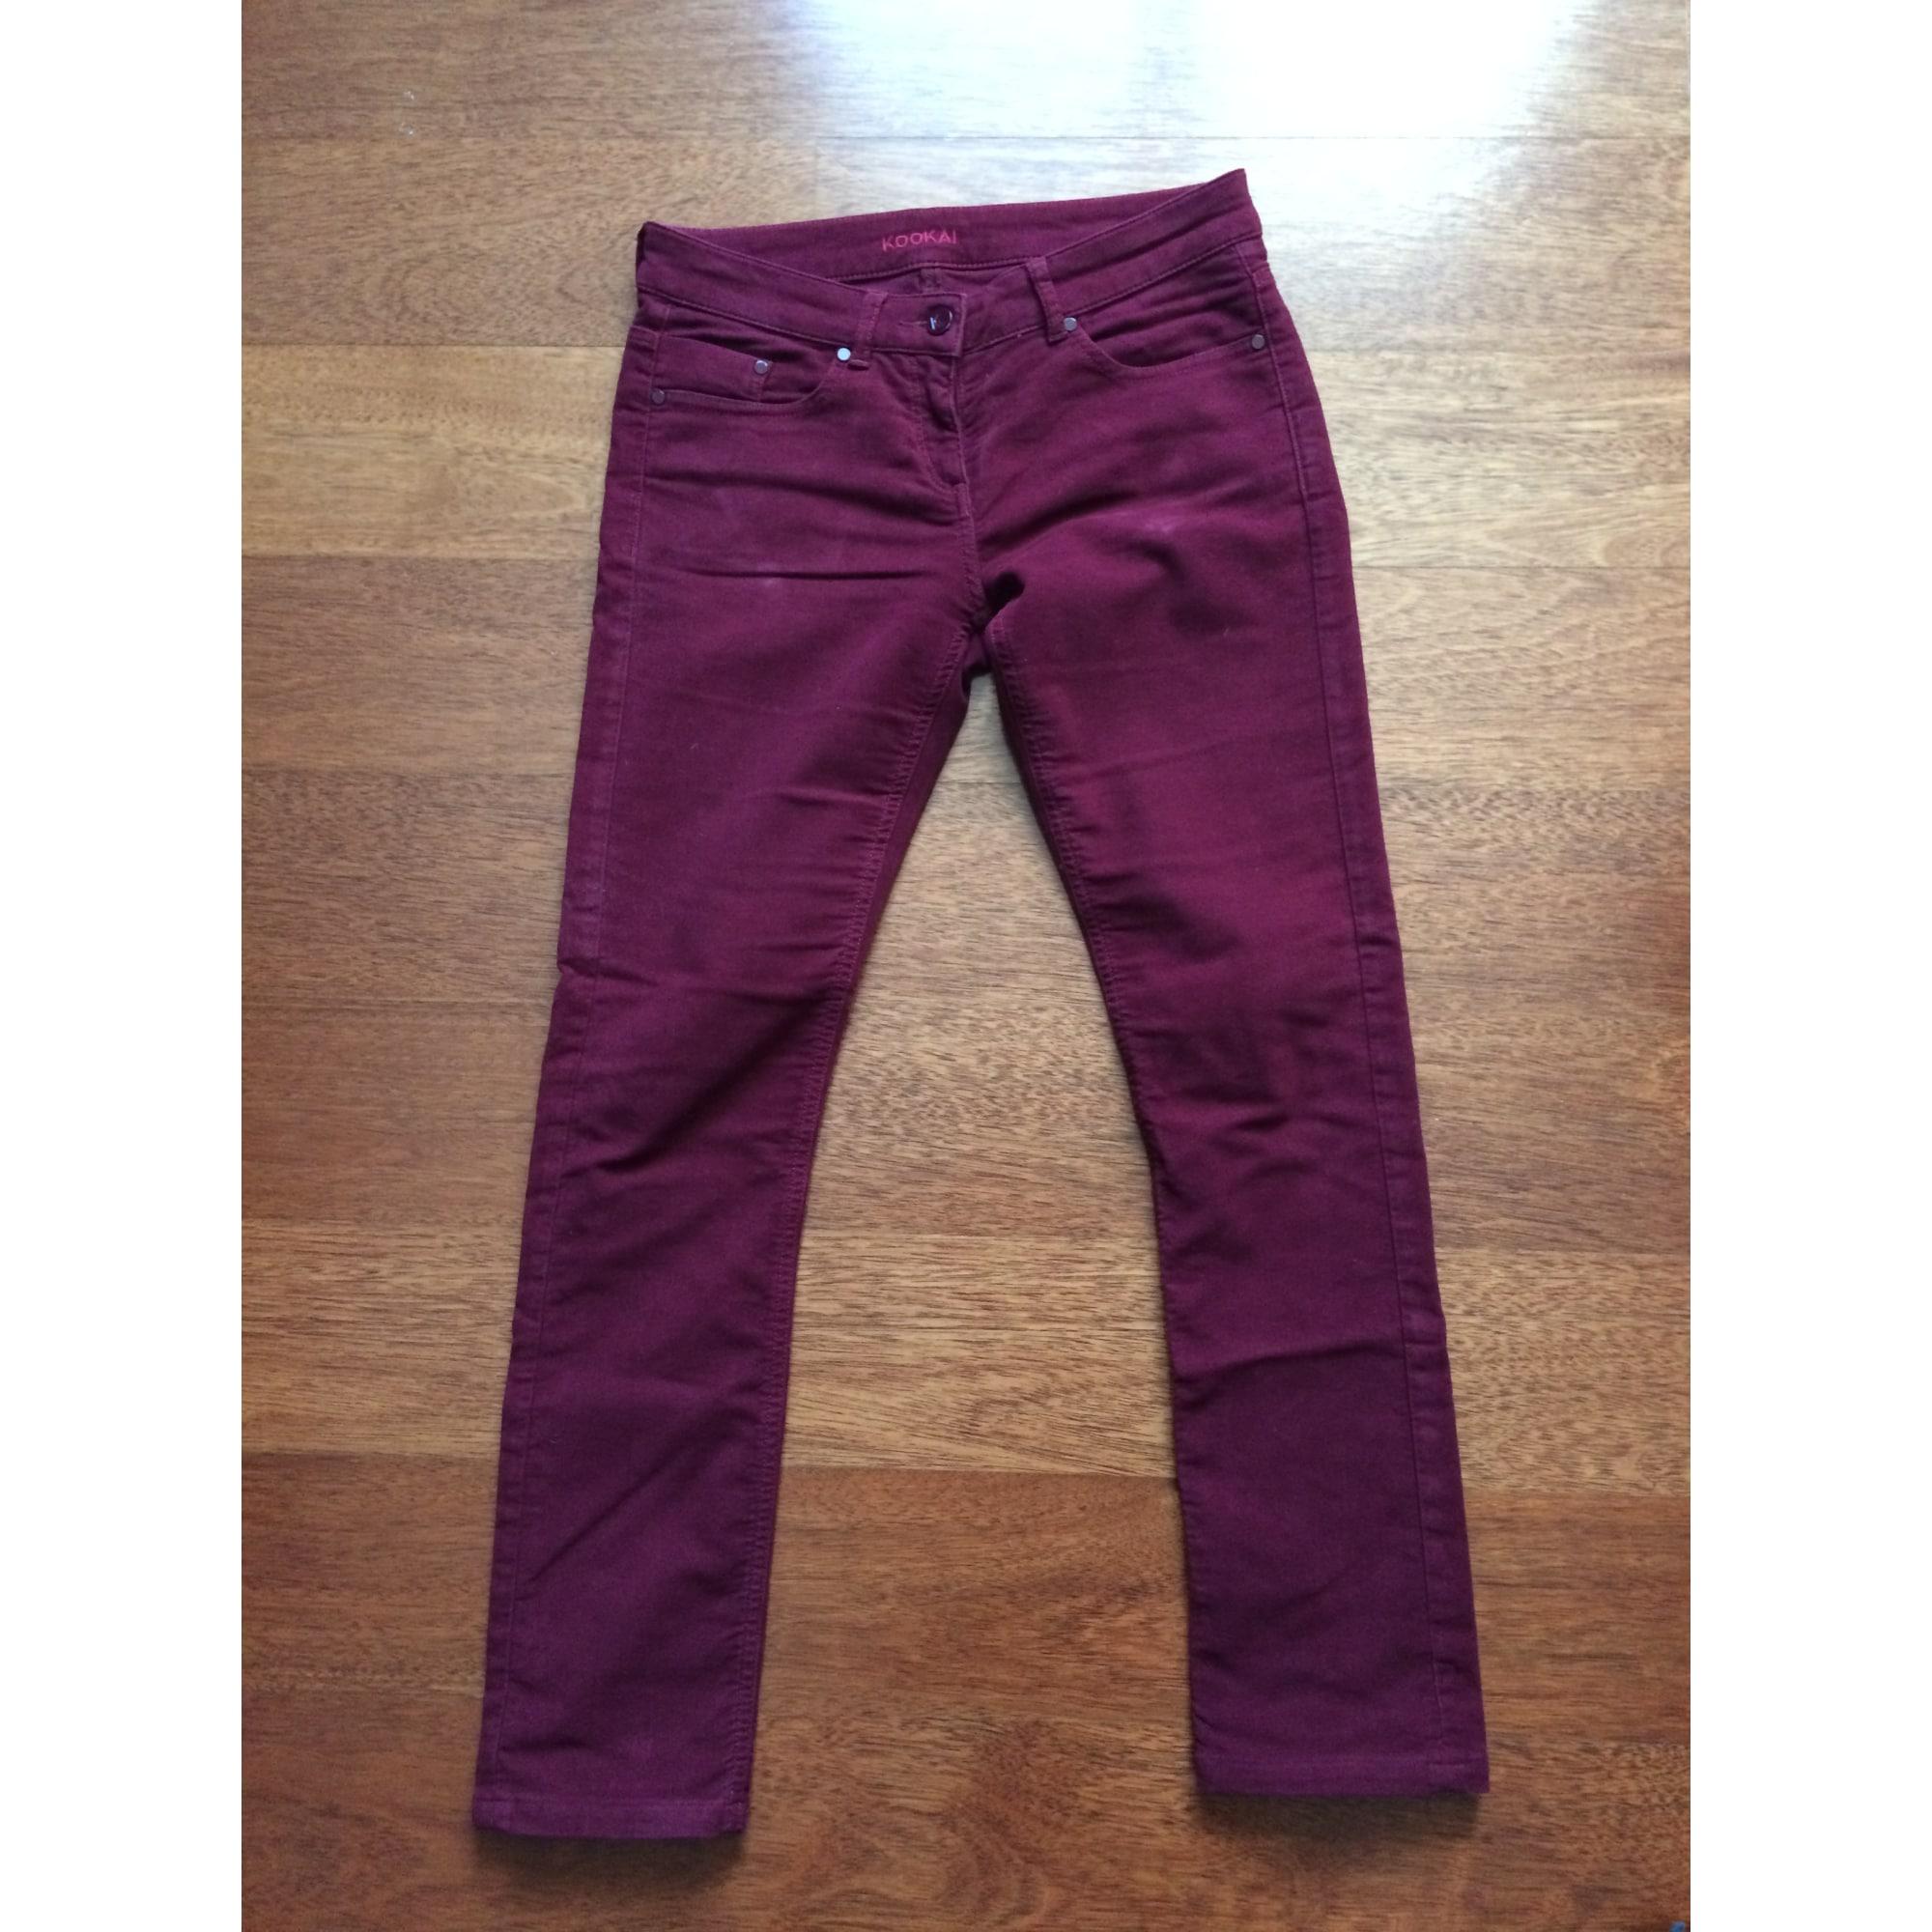 Jeans droit KOOKAI W27 (T 36) rouge - 7332535 9899ea80b